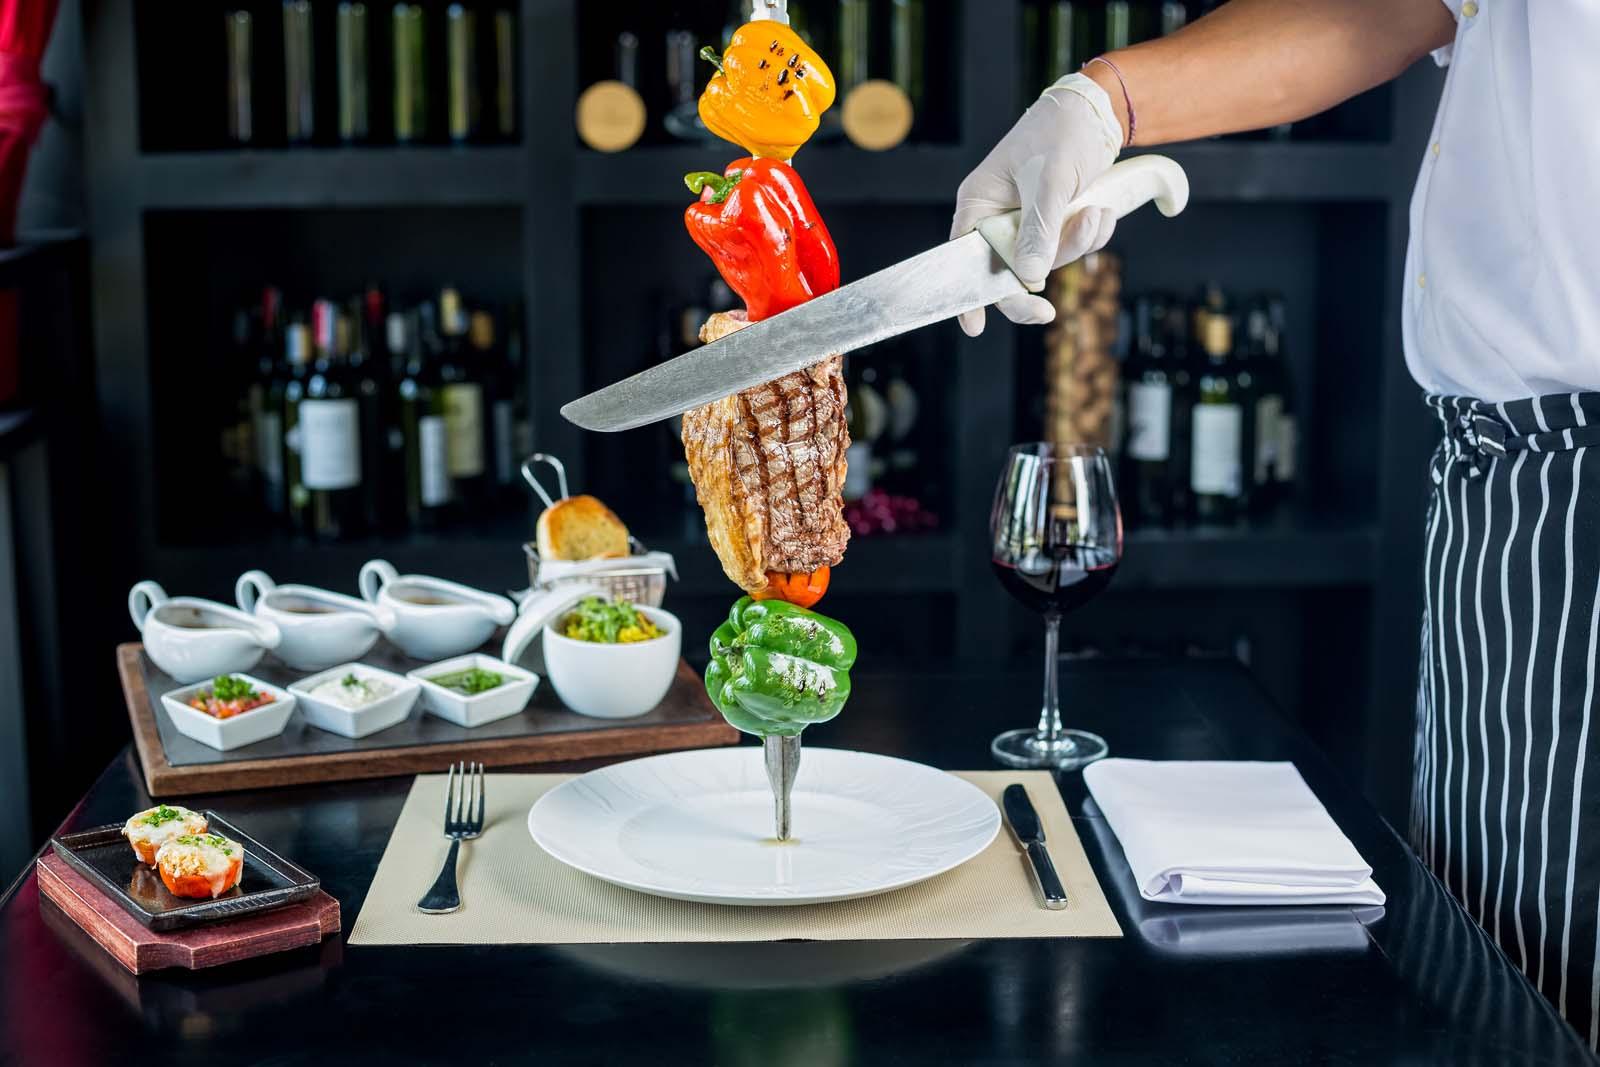 El Gaucho Steakhouse - Churrasco